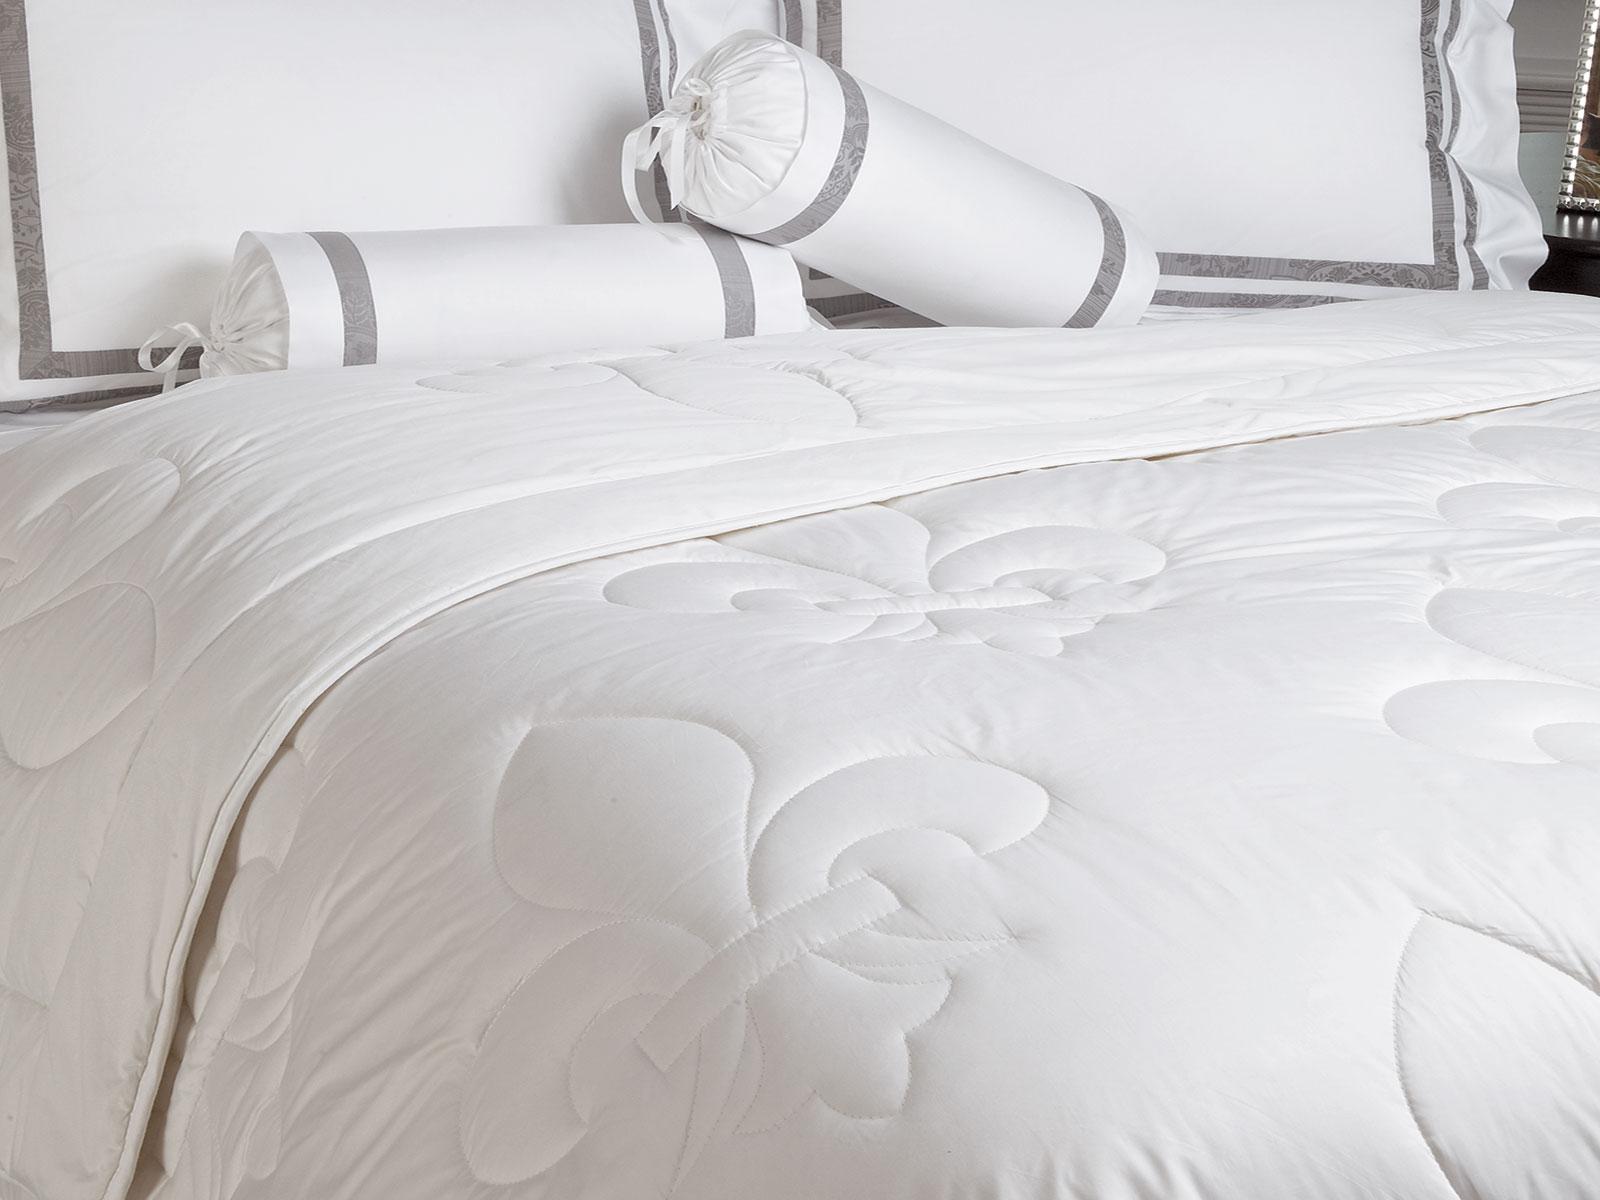 washable woolfilled comforter  luxury comforters  luxury  - washable woolfilled comforter